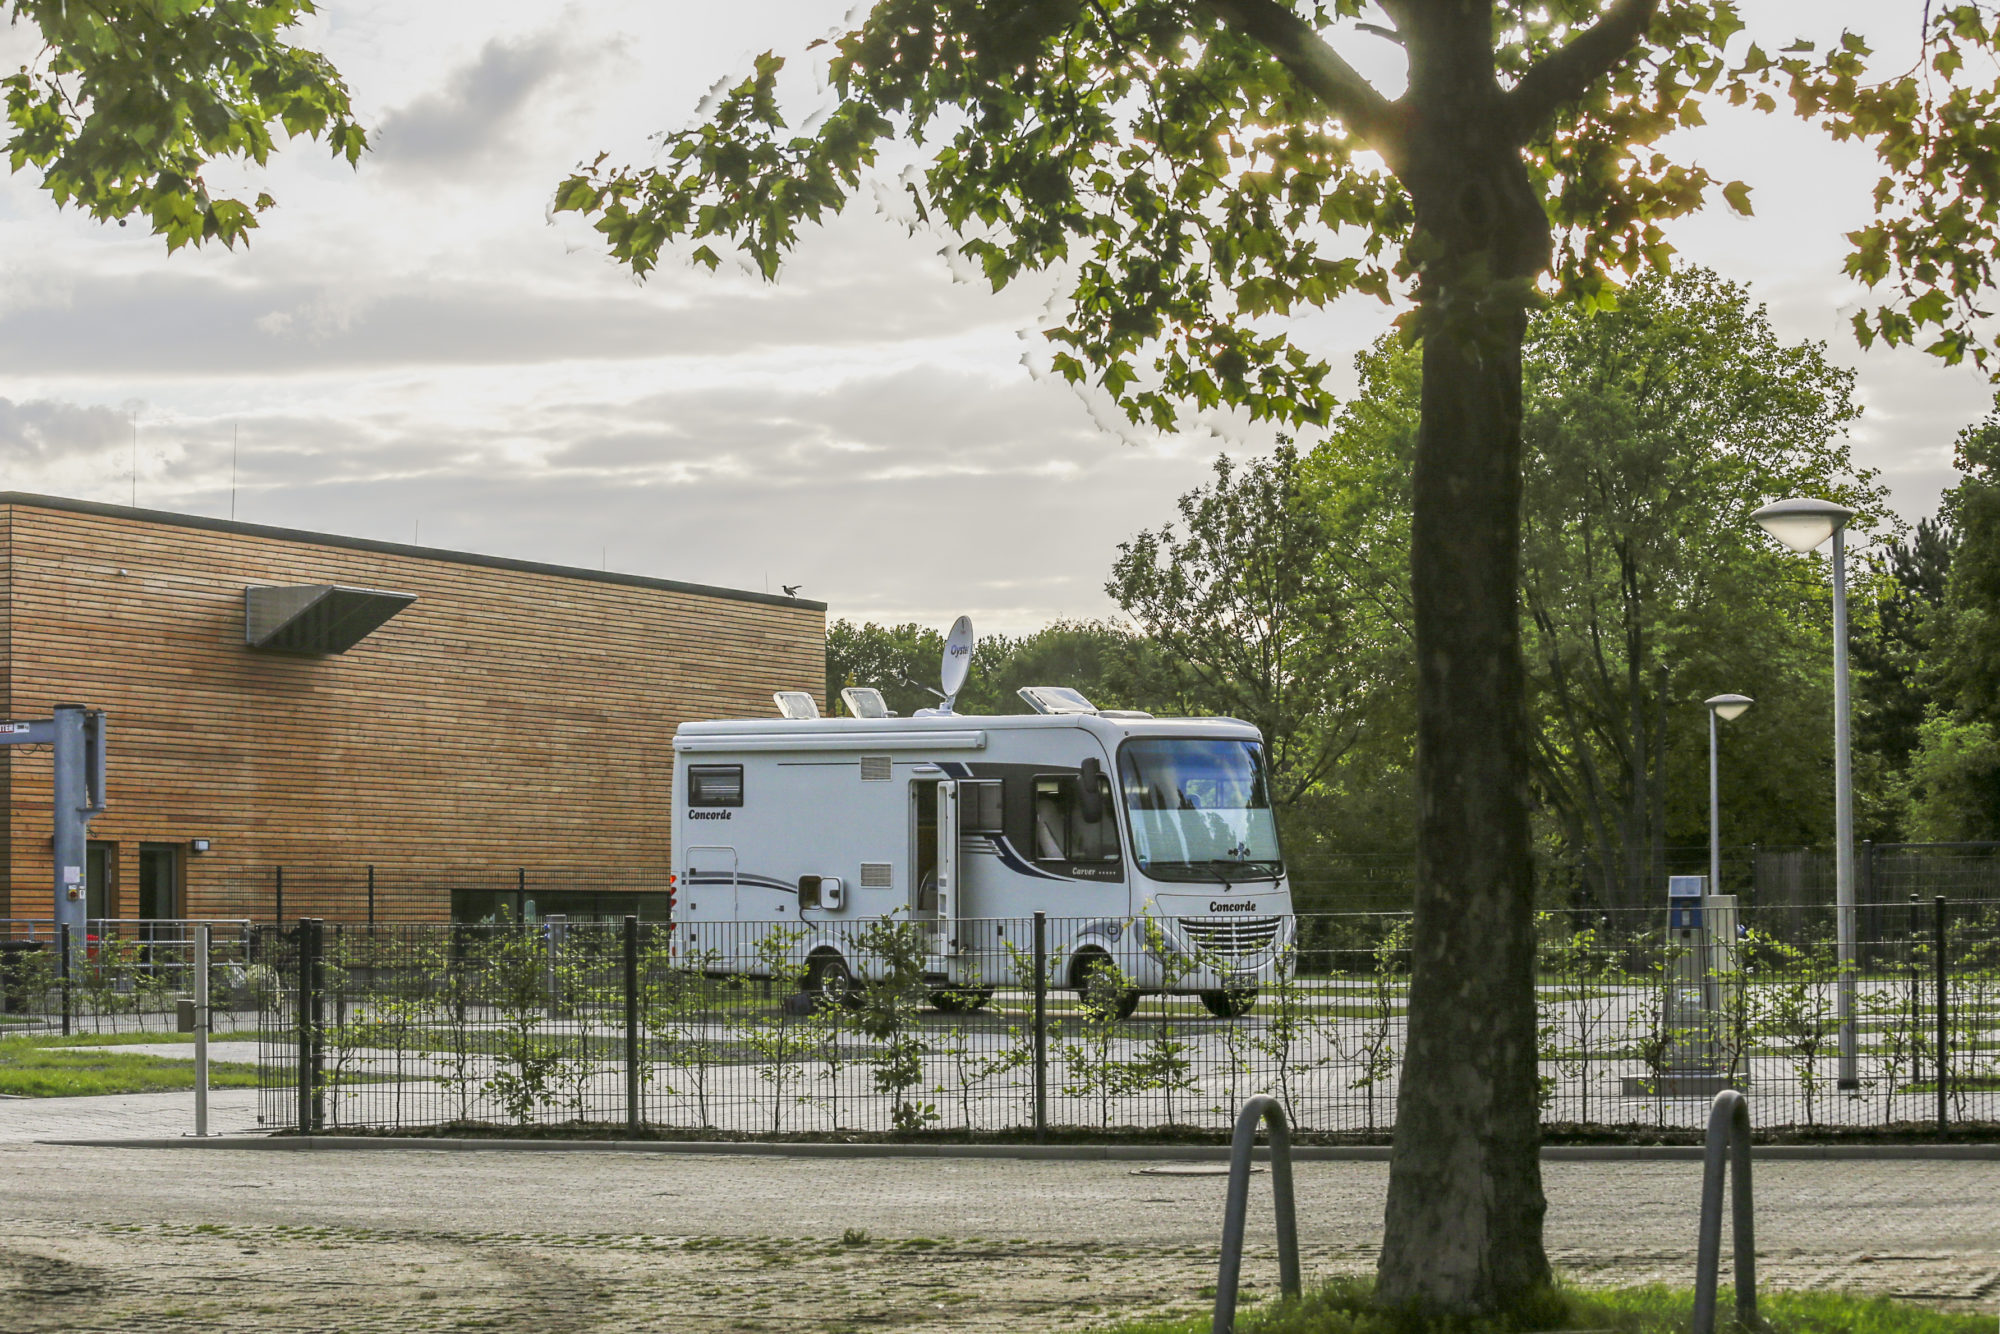 Bauernhof dinslaken